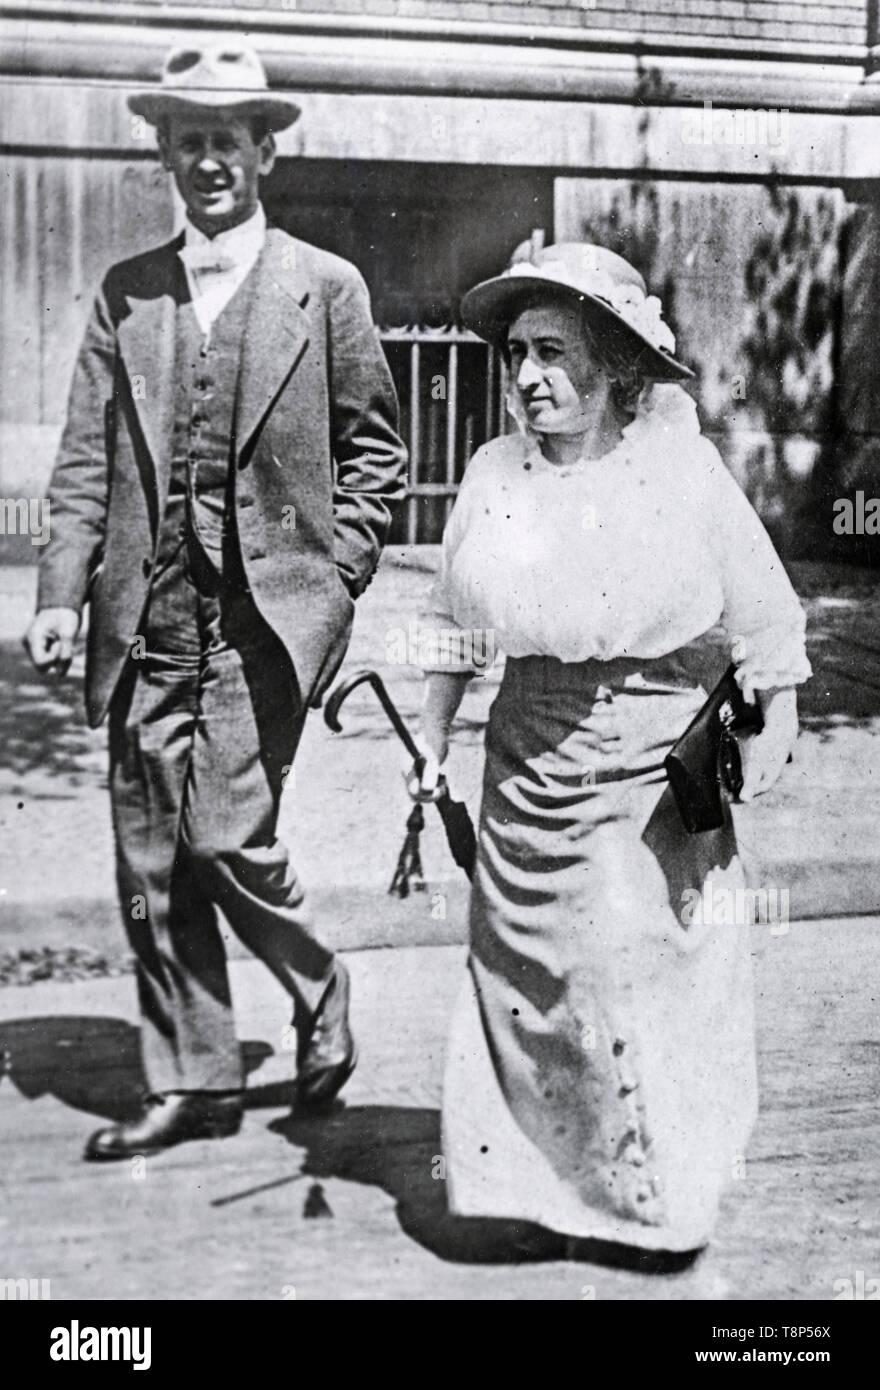 Rosa Luxemburg Et Karl Liebknecht : luxemburg, liebknecht, Luxemburg, Resolution, Stock, Photography, Images, Alamy